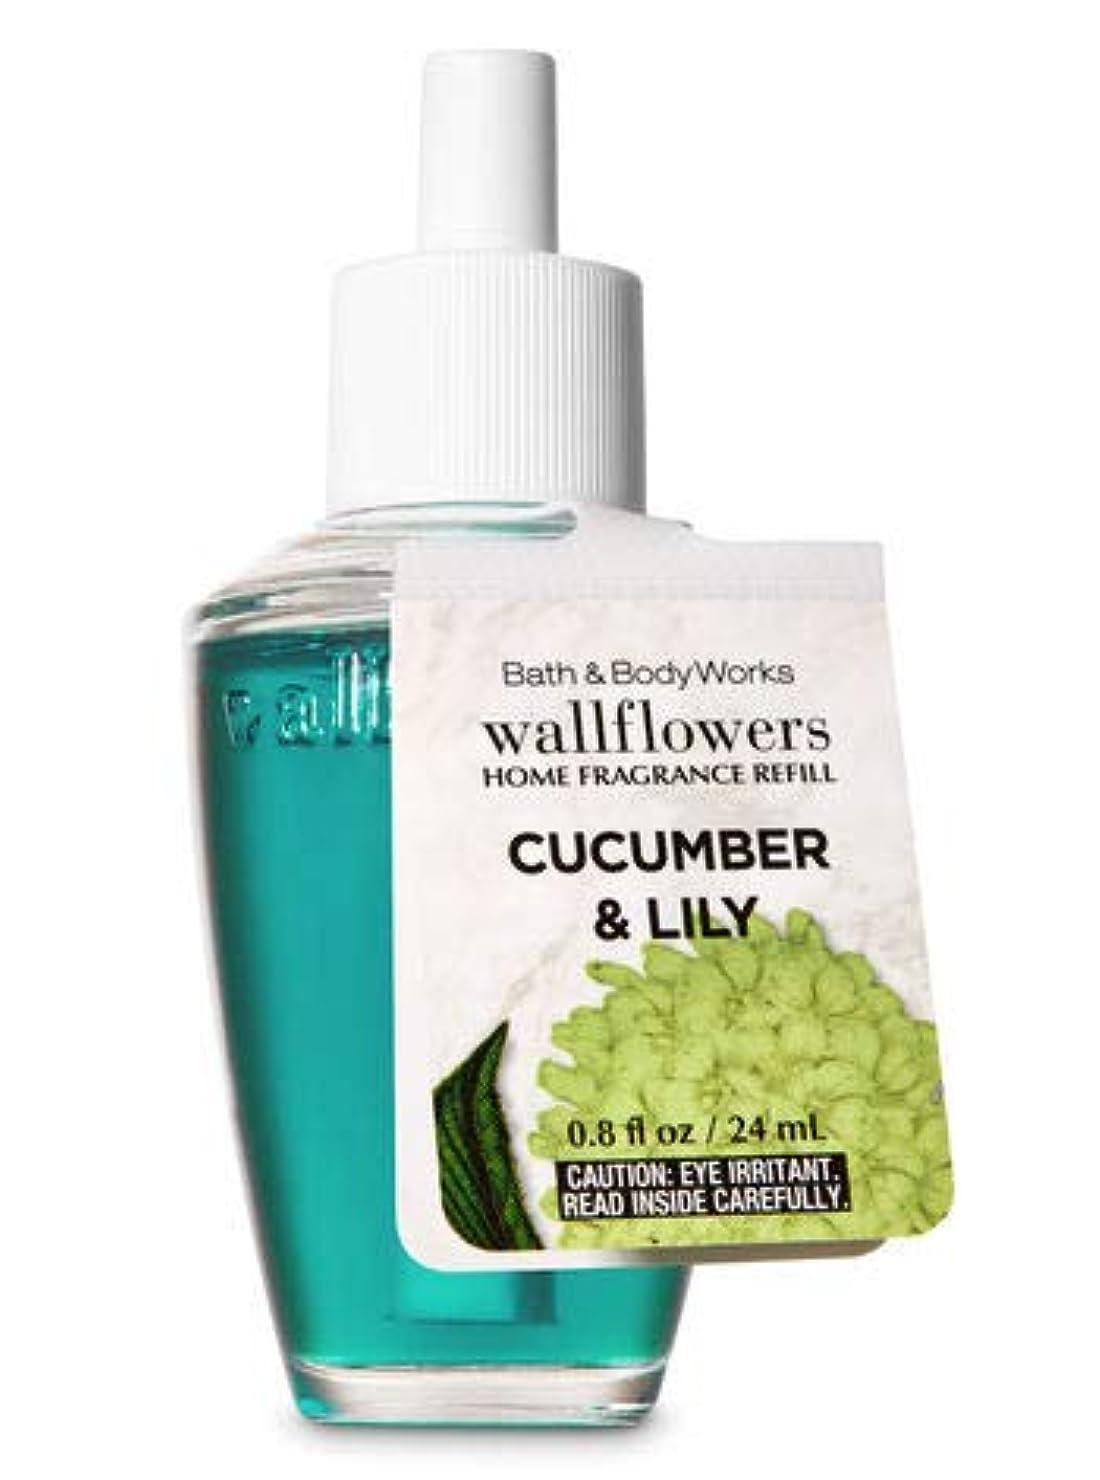 農夫扇動ジュラシックパーク【Bath&Body Works/バス&ボディワークス】 ルームフレグランス 詰替えリフィル キューカンバー&リリー Wallflowers Home Fragrance Refill Cucumber & Lily [並行輸入品]